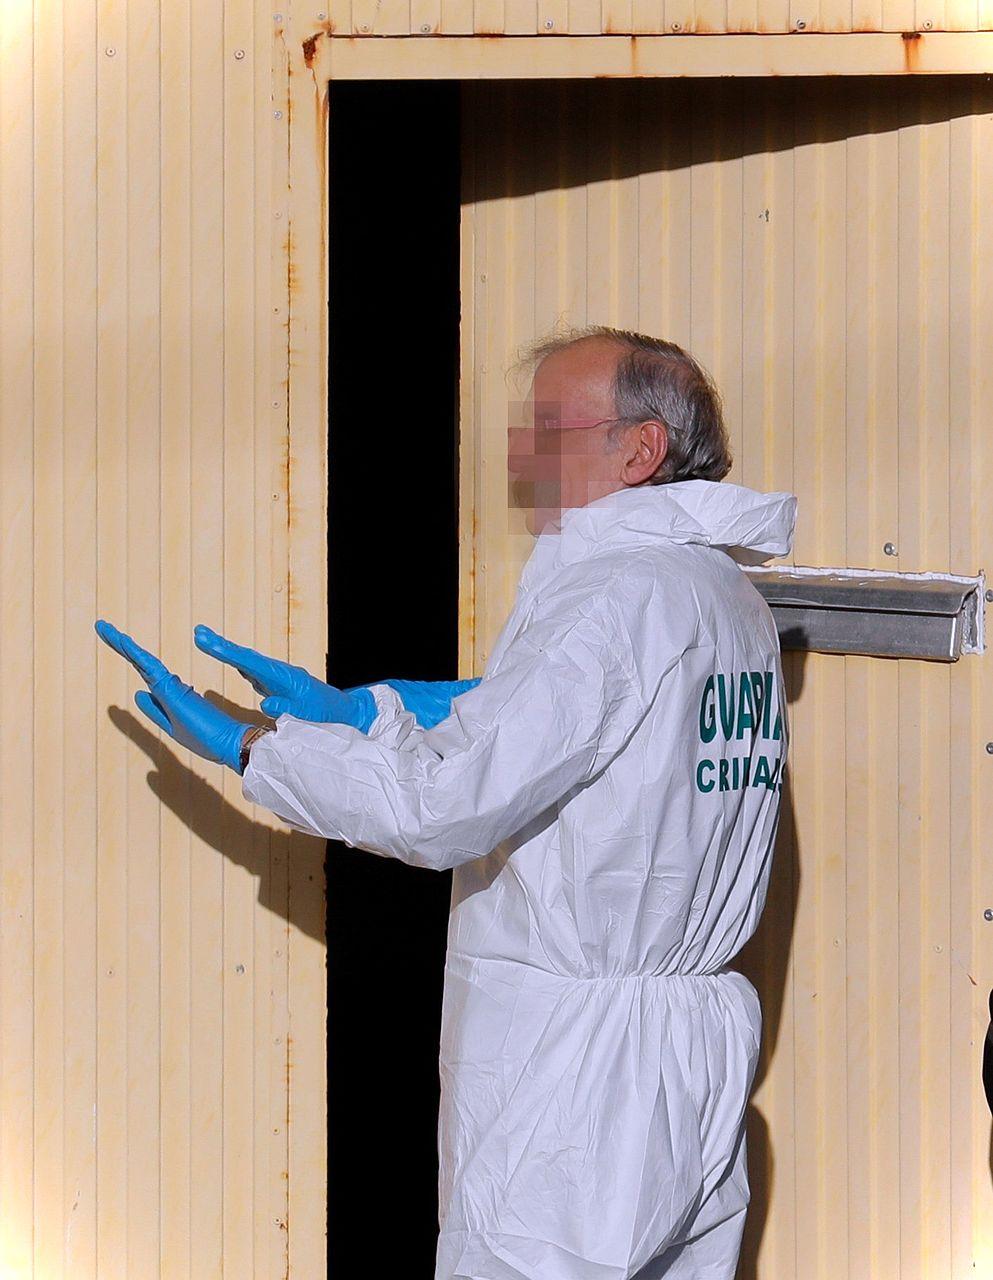 Recogen muestras en la nave donde fue encontrado el cuerpo de Diana Quer